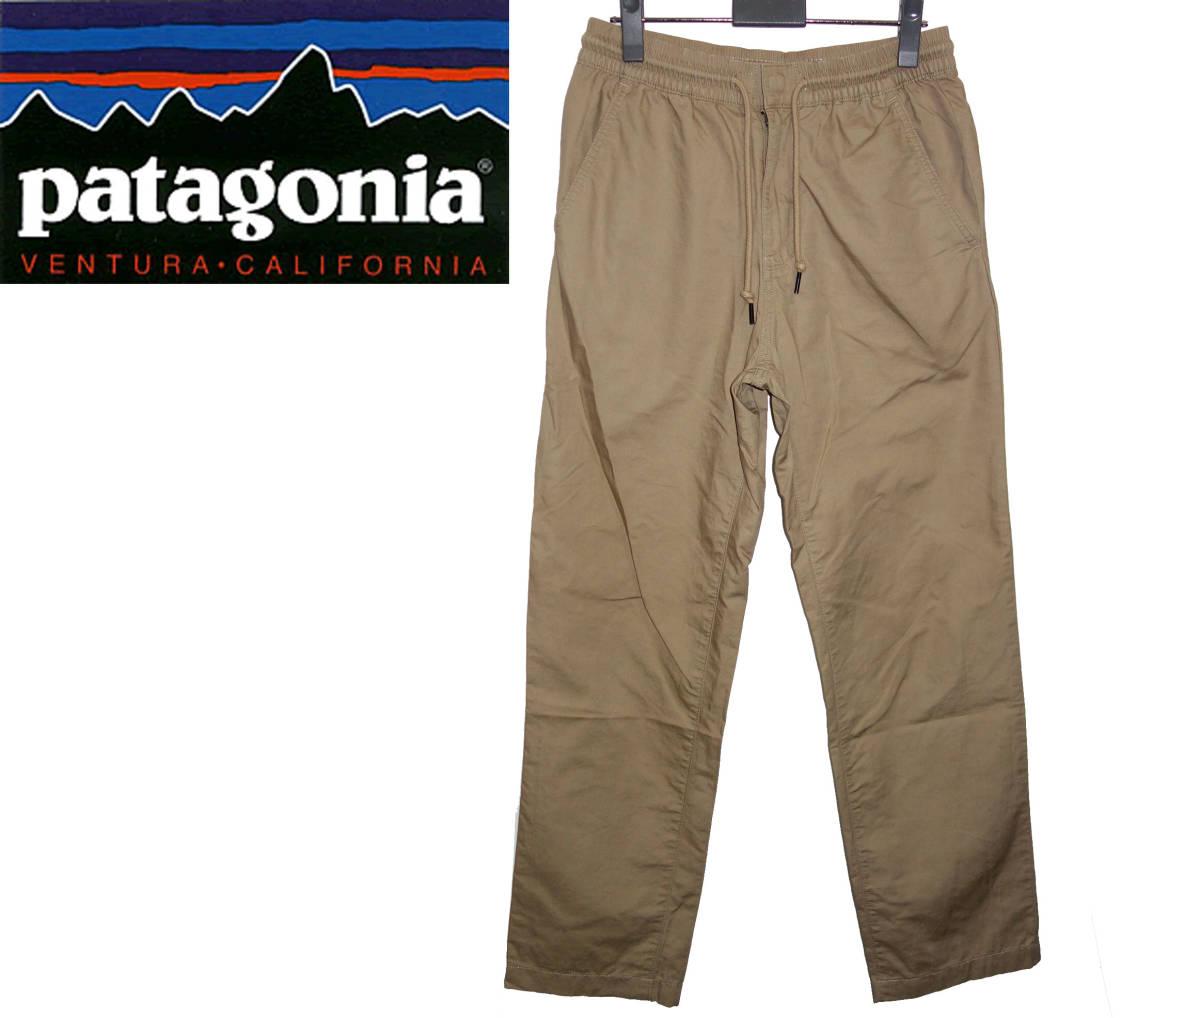 お買取商品パタゴニアPATAGONIA美品ライトウェイトオールウェアヘンプバレーパンツMens Lightweight All-Wear Hemp Volley PantsオーガニックコットンフェアトレードベージュXS